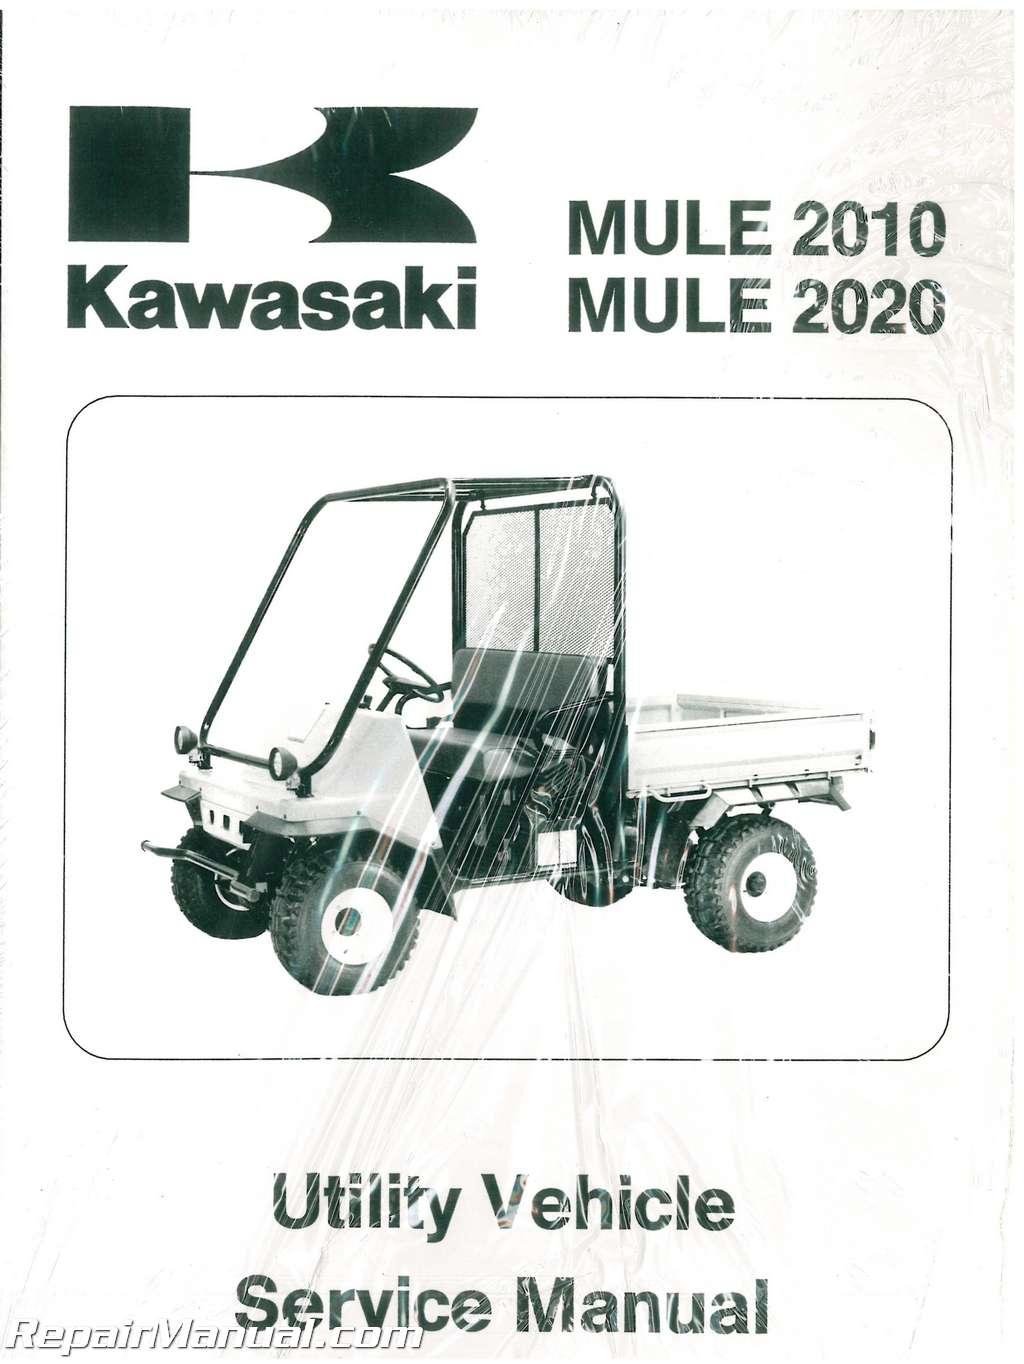 1989 1992 kawasaki kaf540 mule 2010 2020 service manual rh repairmanual com 1990 Kawasaki Mule 1990 Kawasaki Mule